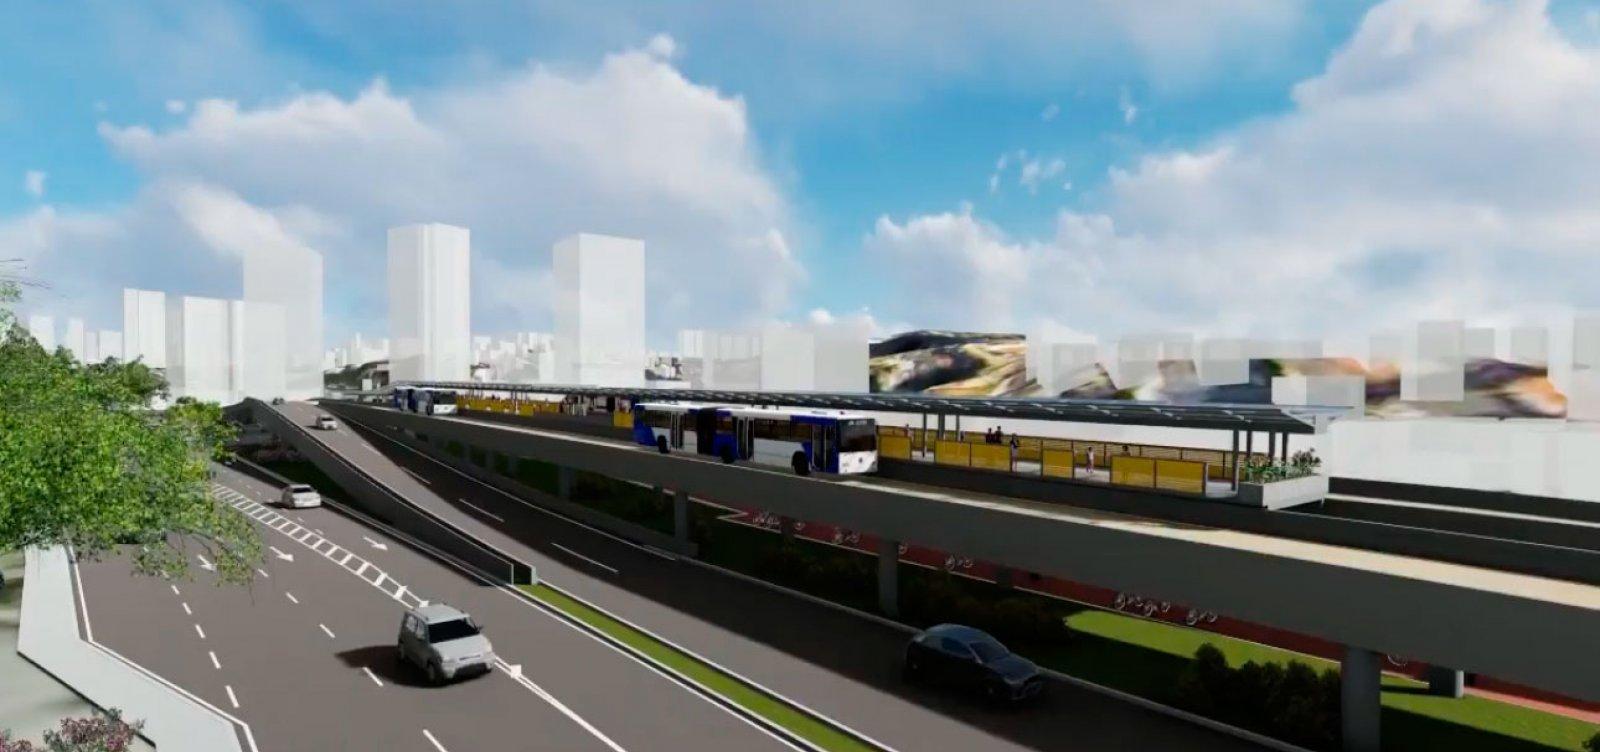 [Prefeitura nega envolvimento em ação por suposta fraude em licitação do BRT]